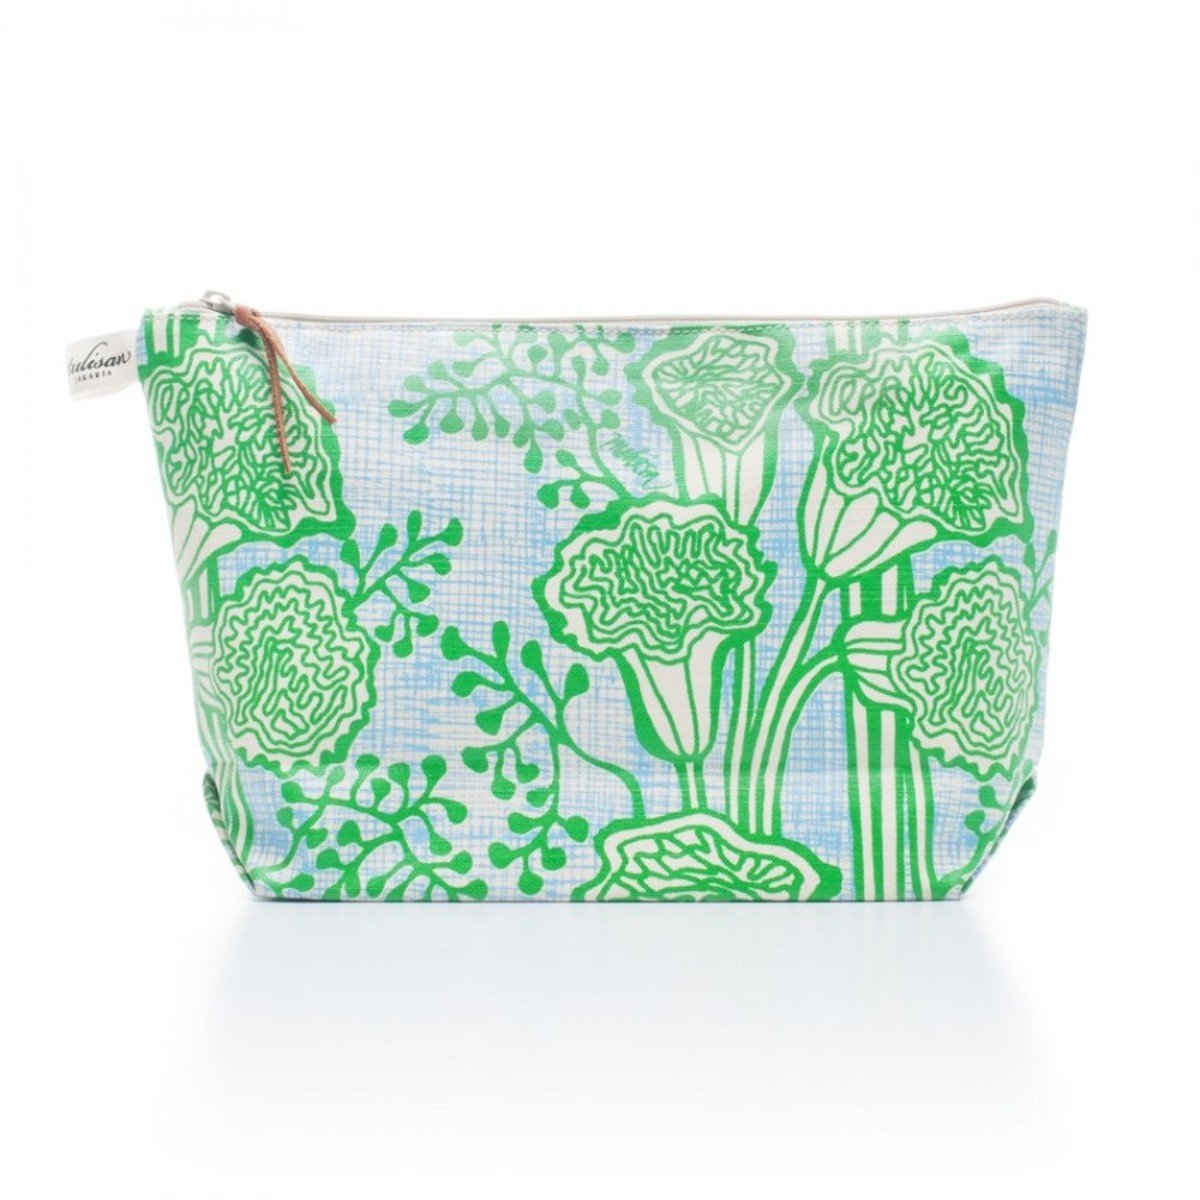 化妝袋 (大) - Green Grass